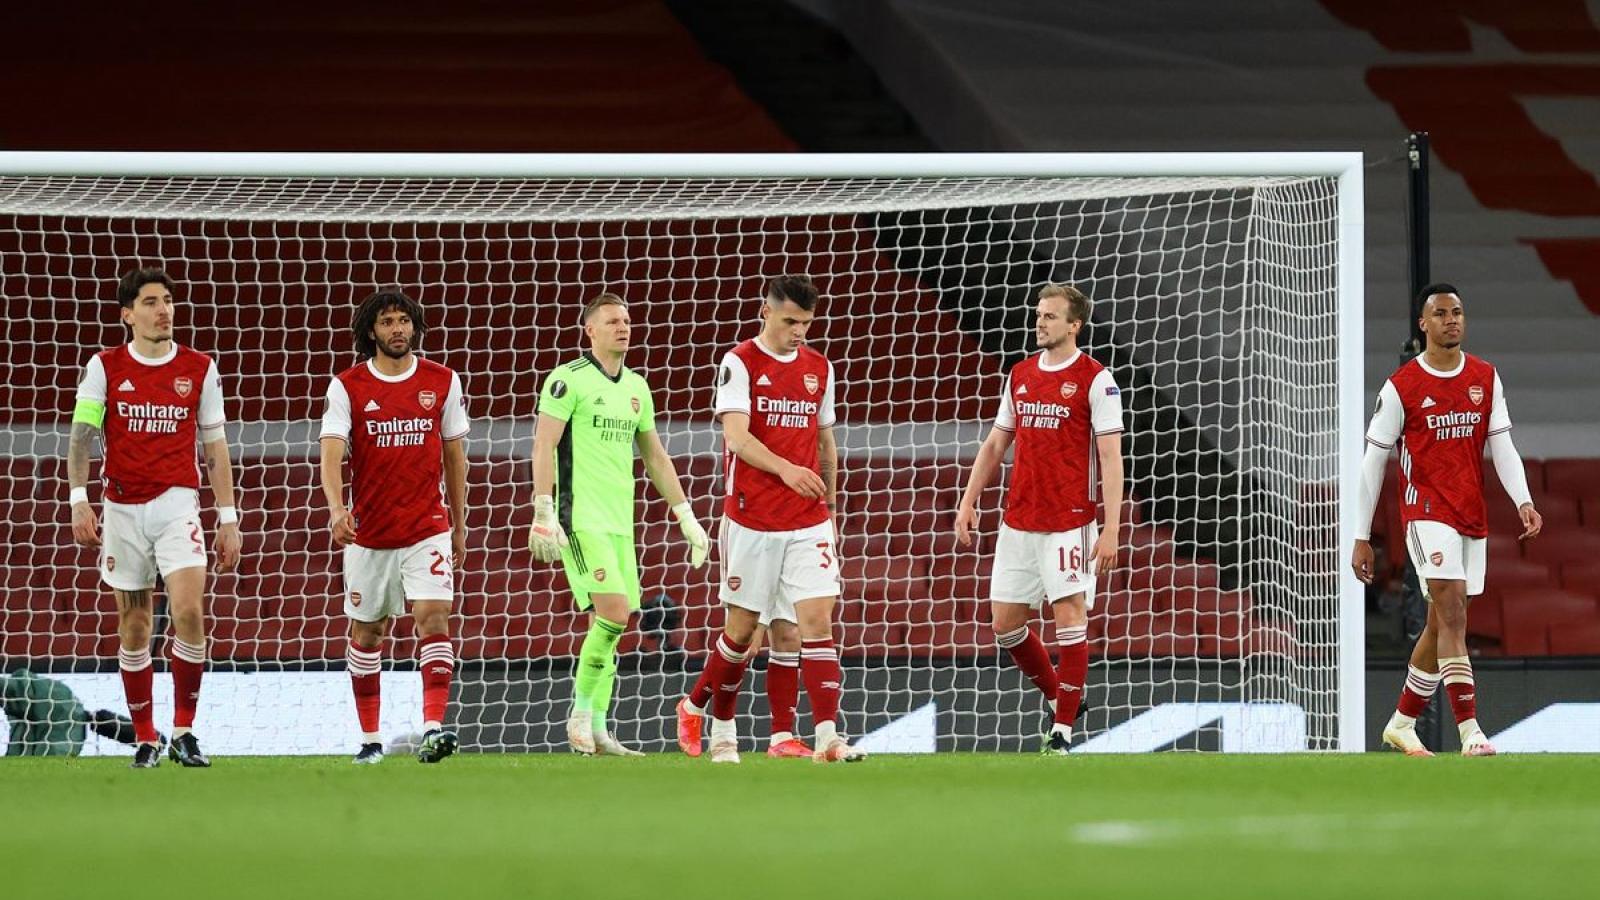 Thủng lưới phút bù giờ, Arsenal đánh rơi chiến thắng trước Slavia Praha